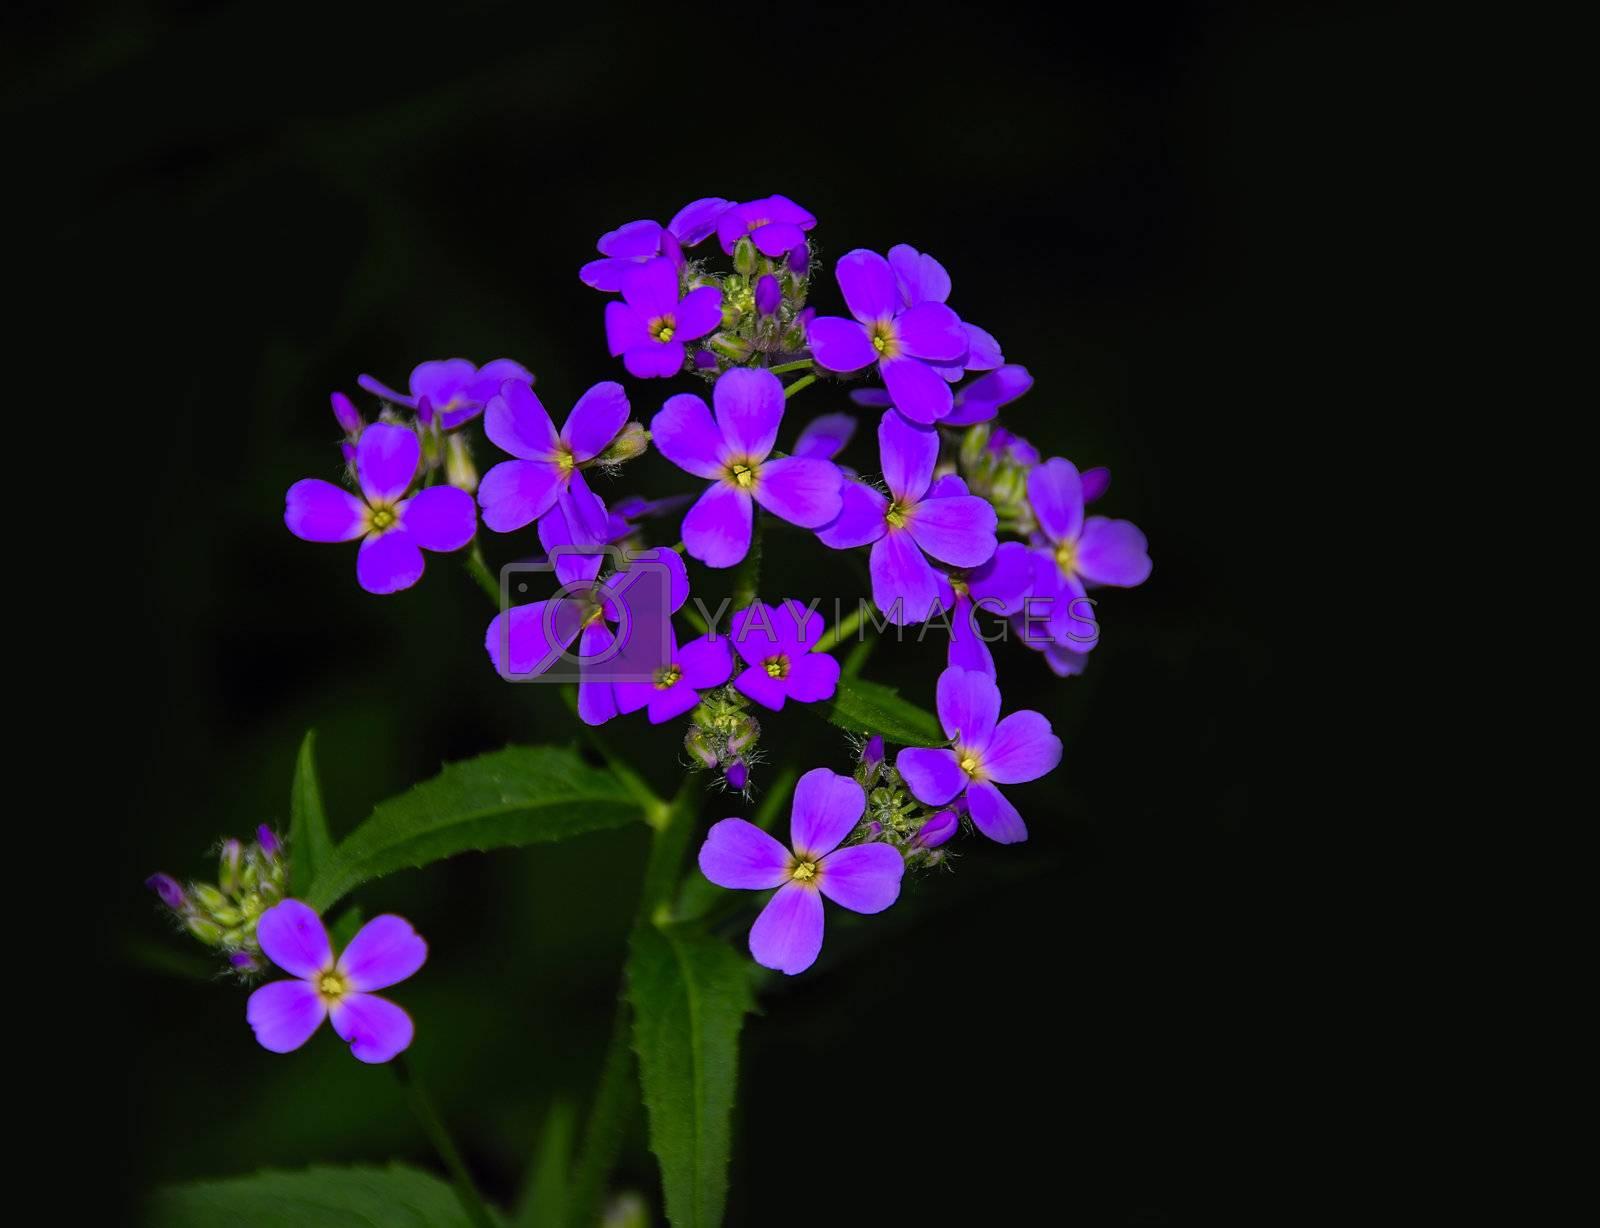 Violet Flower by pazham